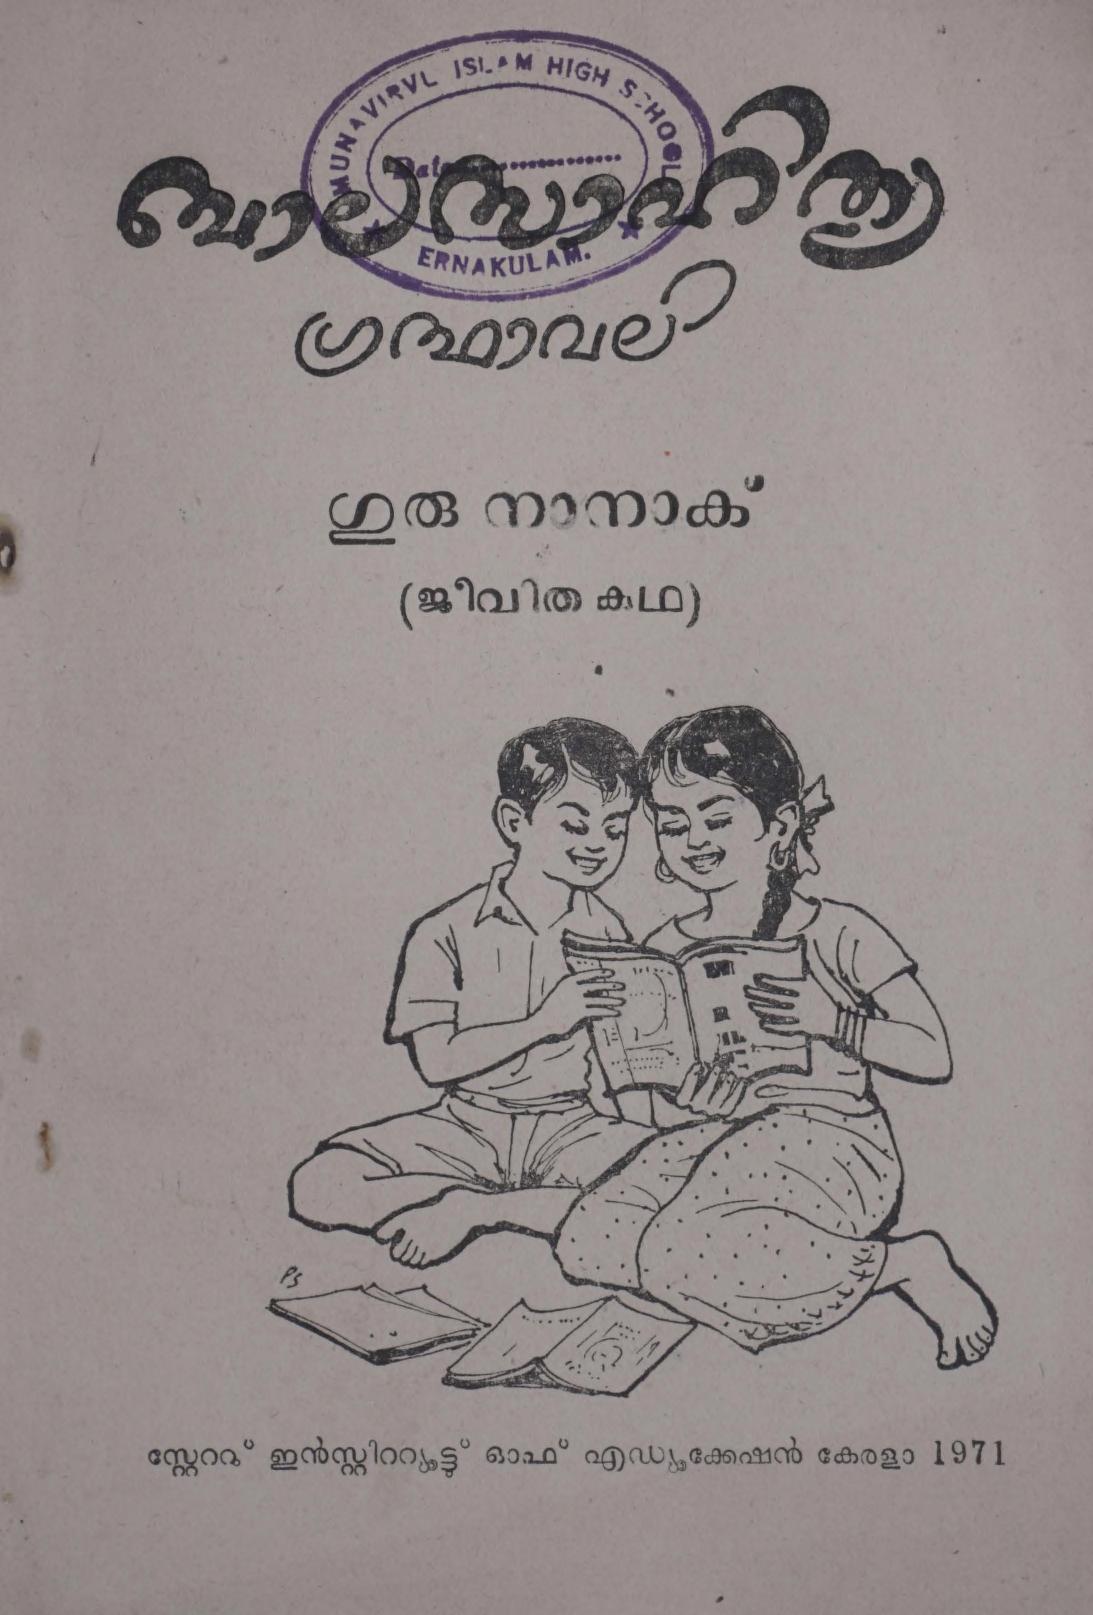 1971 - ഗുരു നാനാക്ക് (ജീവിതകഥ) - ബാലസാഹിത്യ ഗ്രന്ഥാവലി